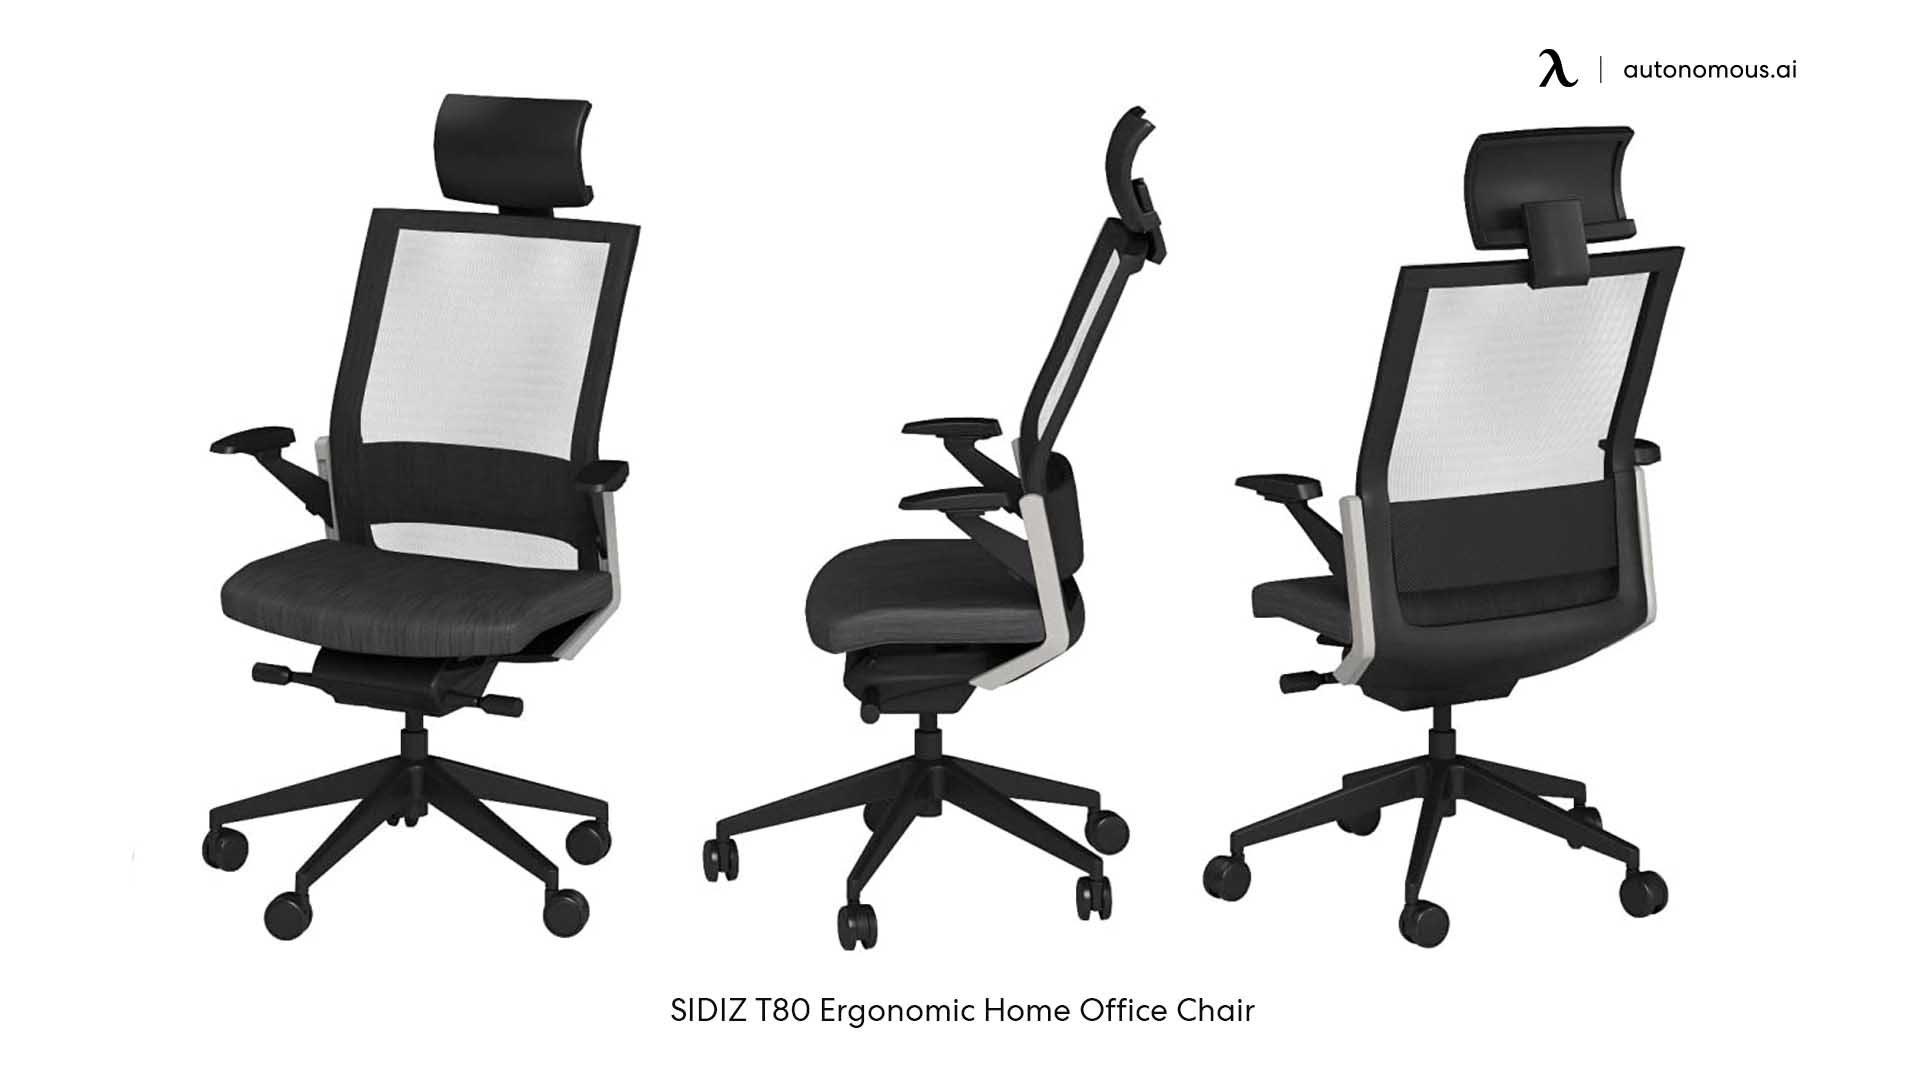 Sidi T80 Chair